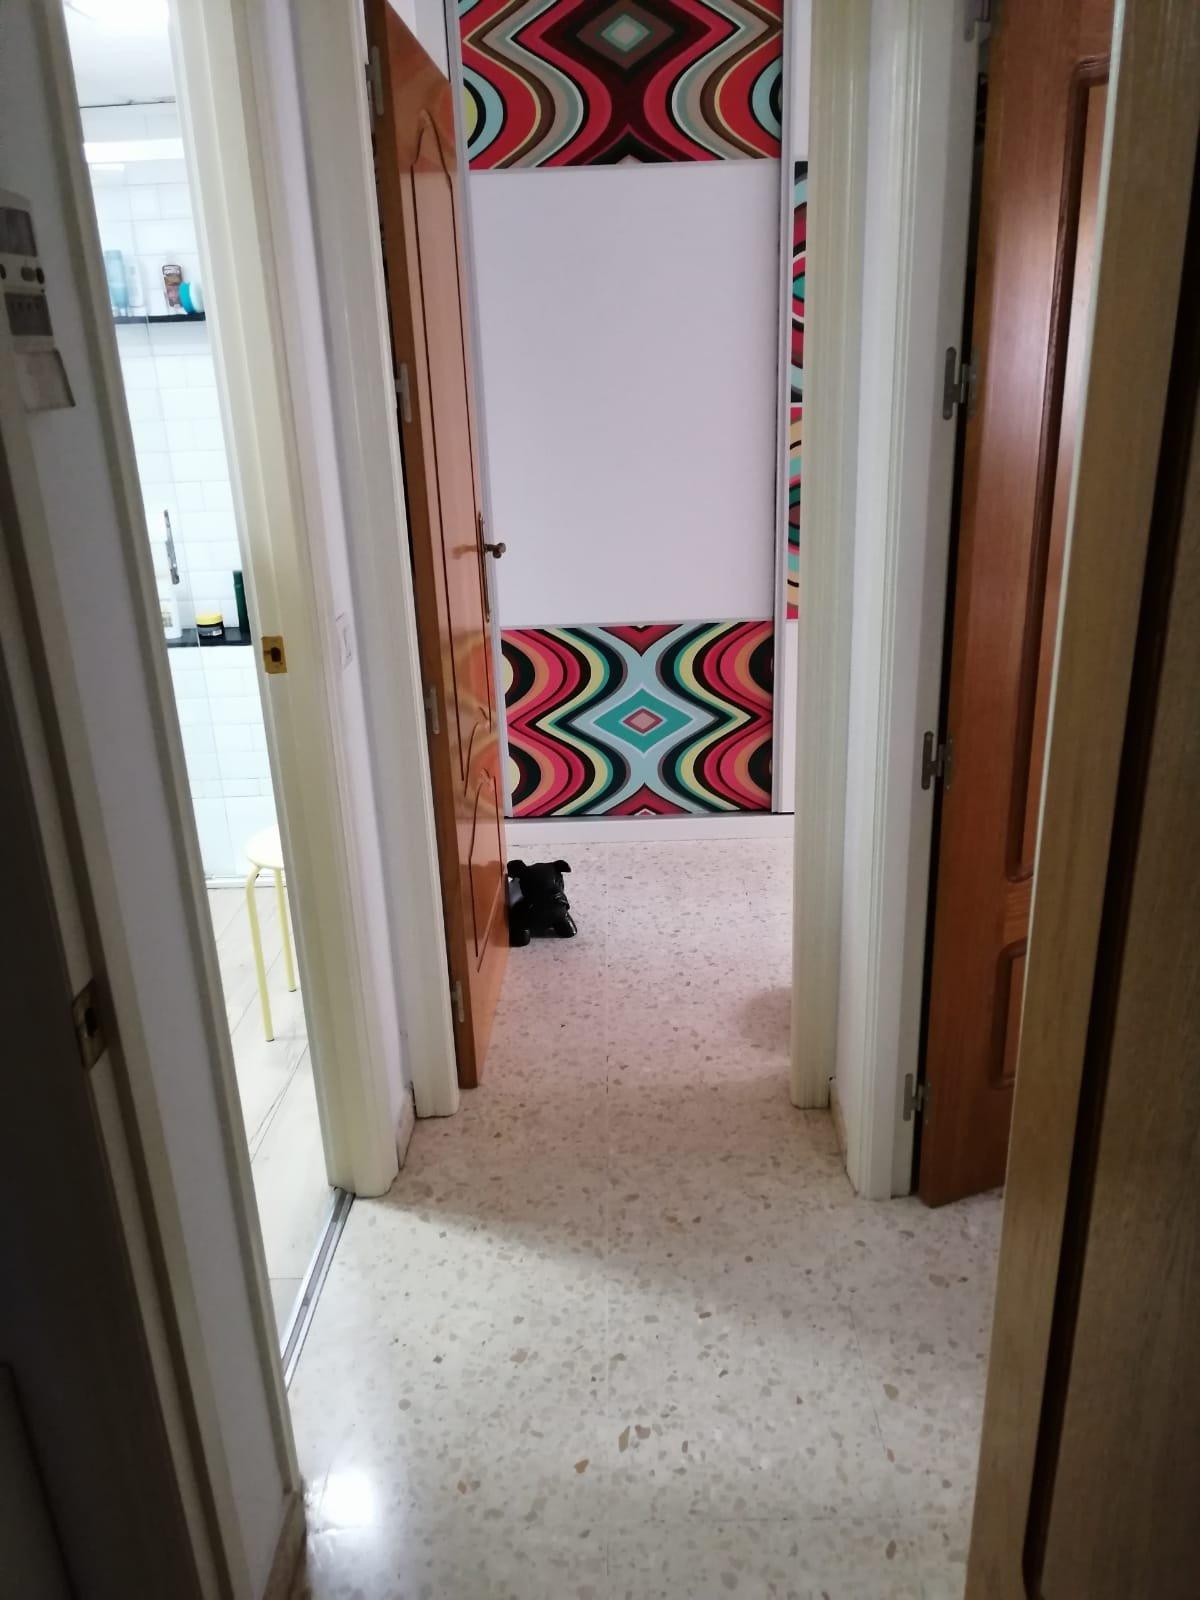 Maravilloso piso en zona levante - imagenInmueble3